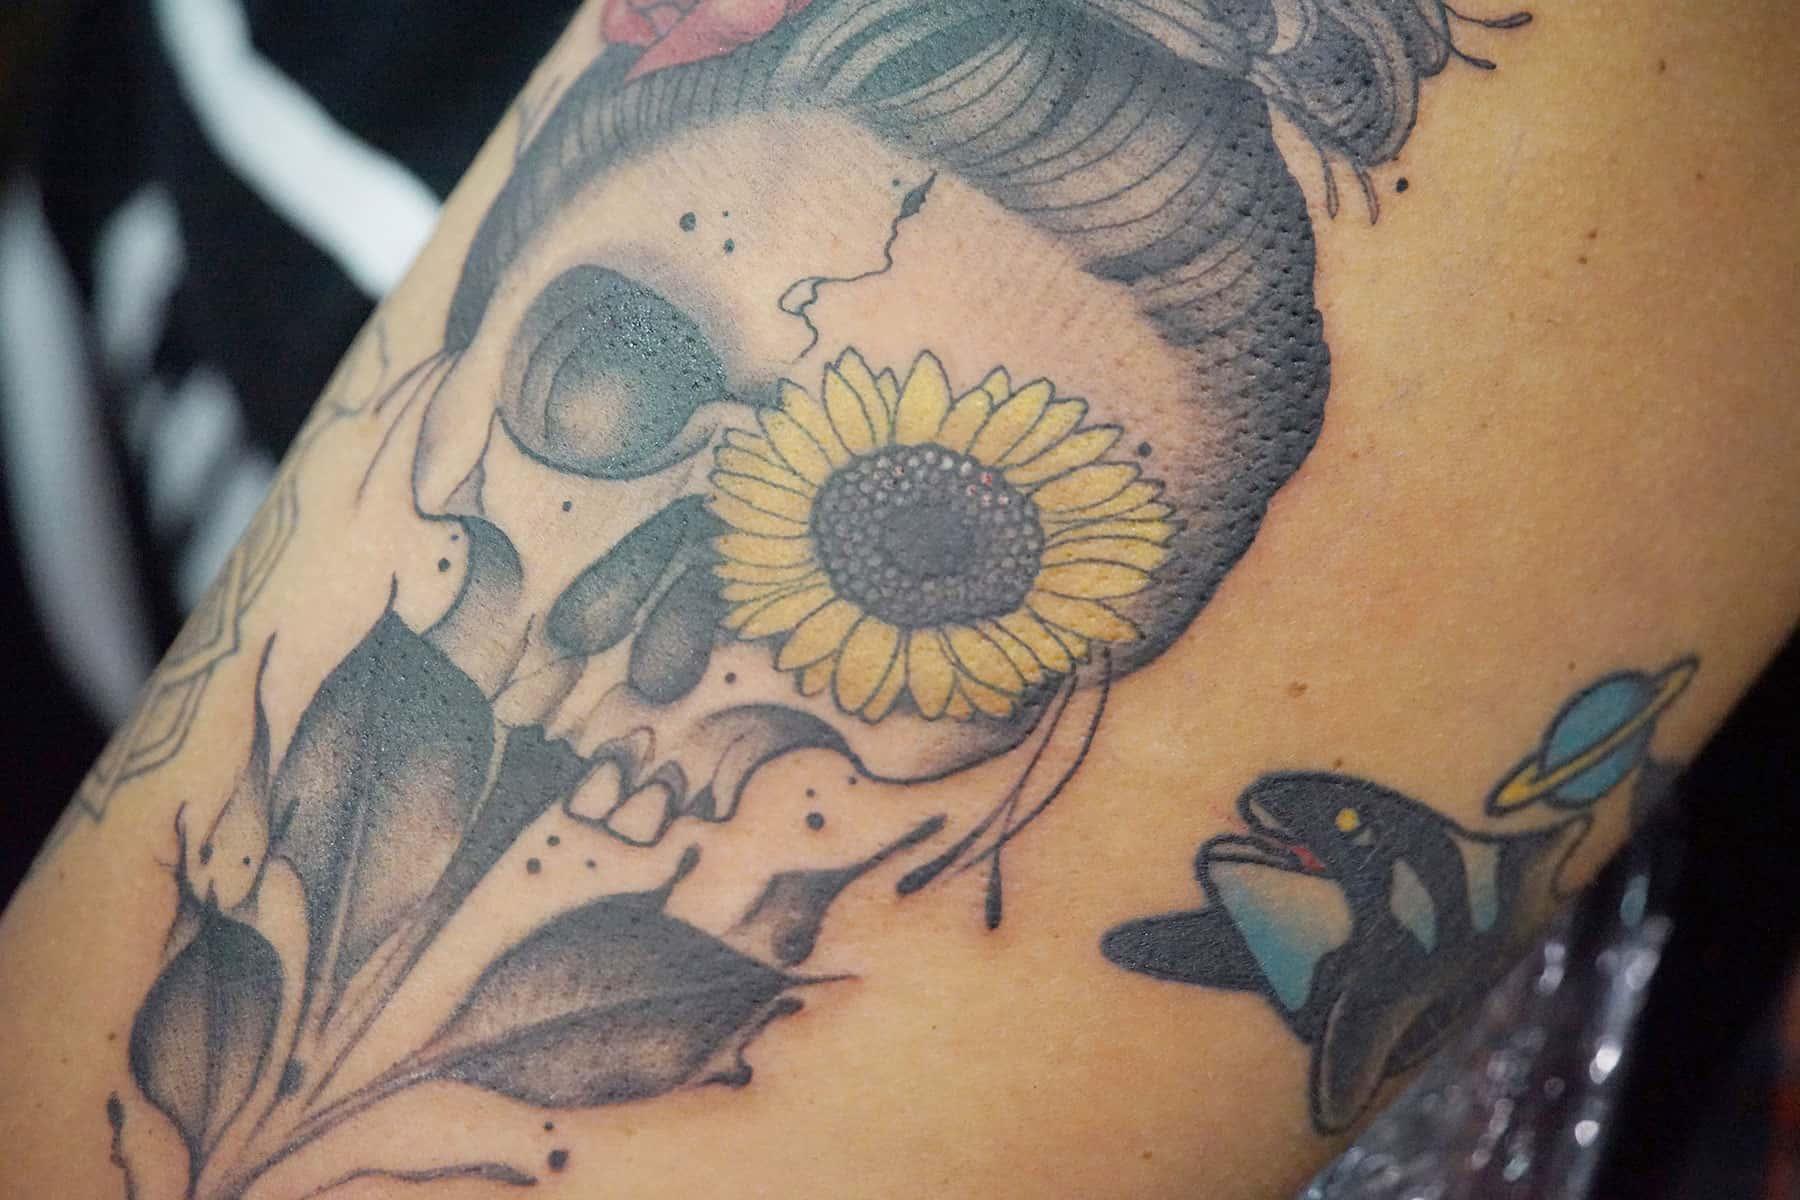 04_091517_tattooarts_0829